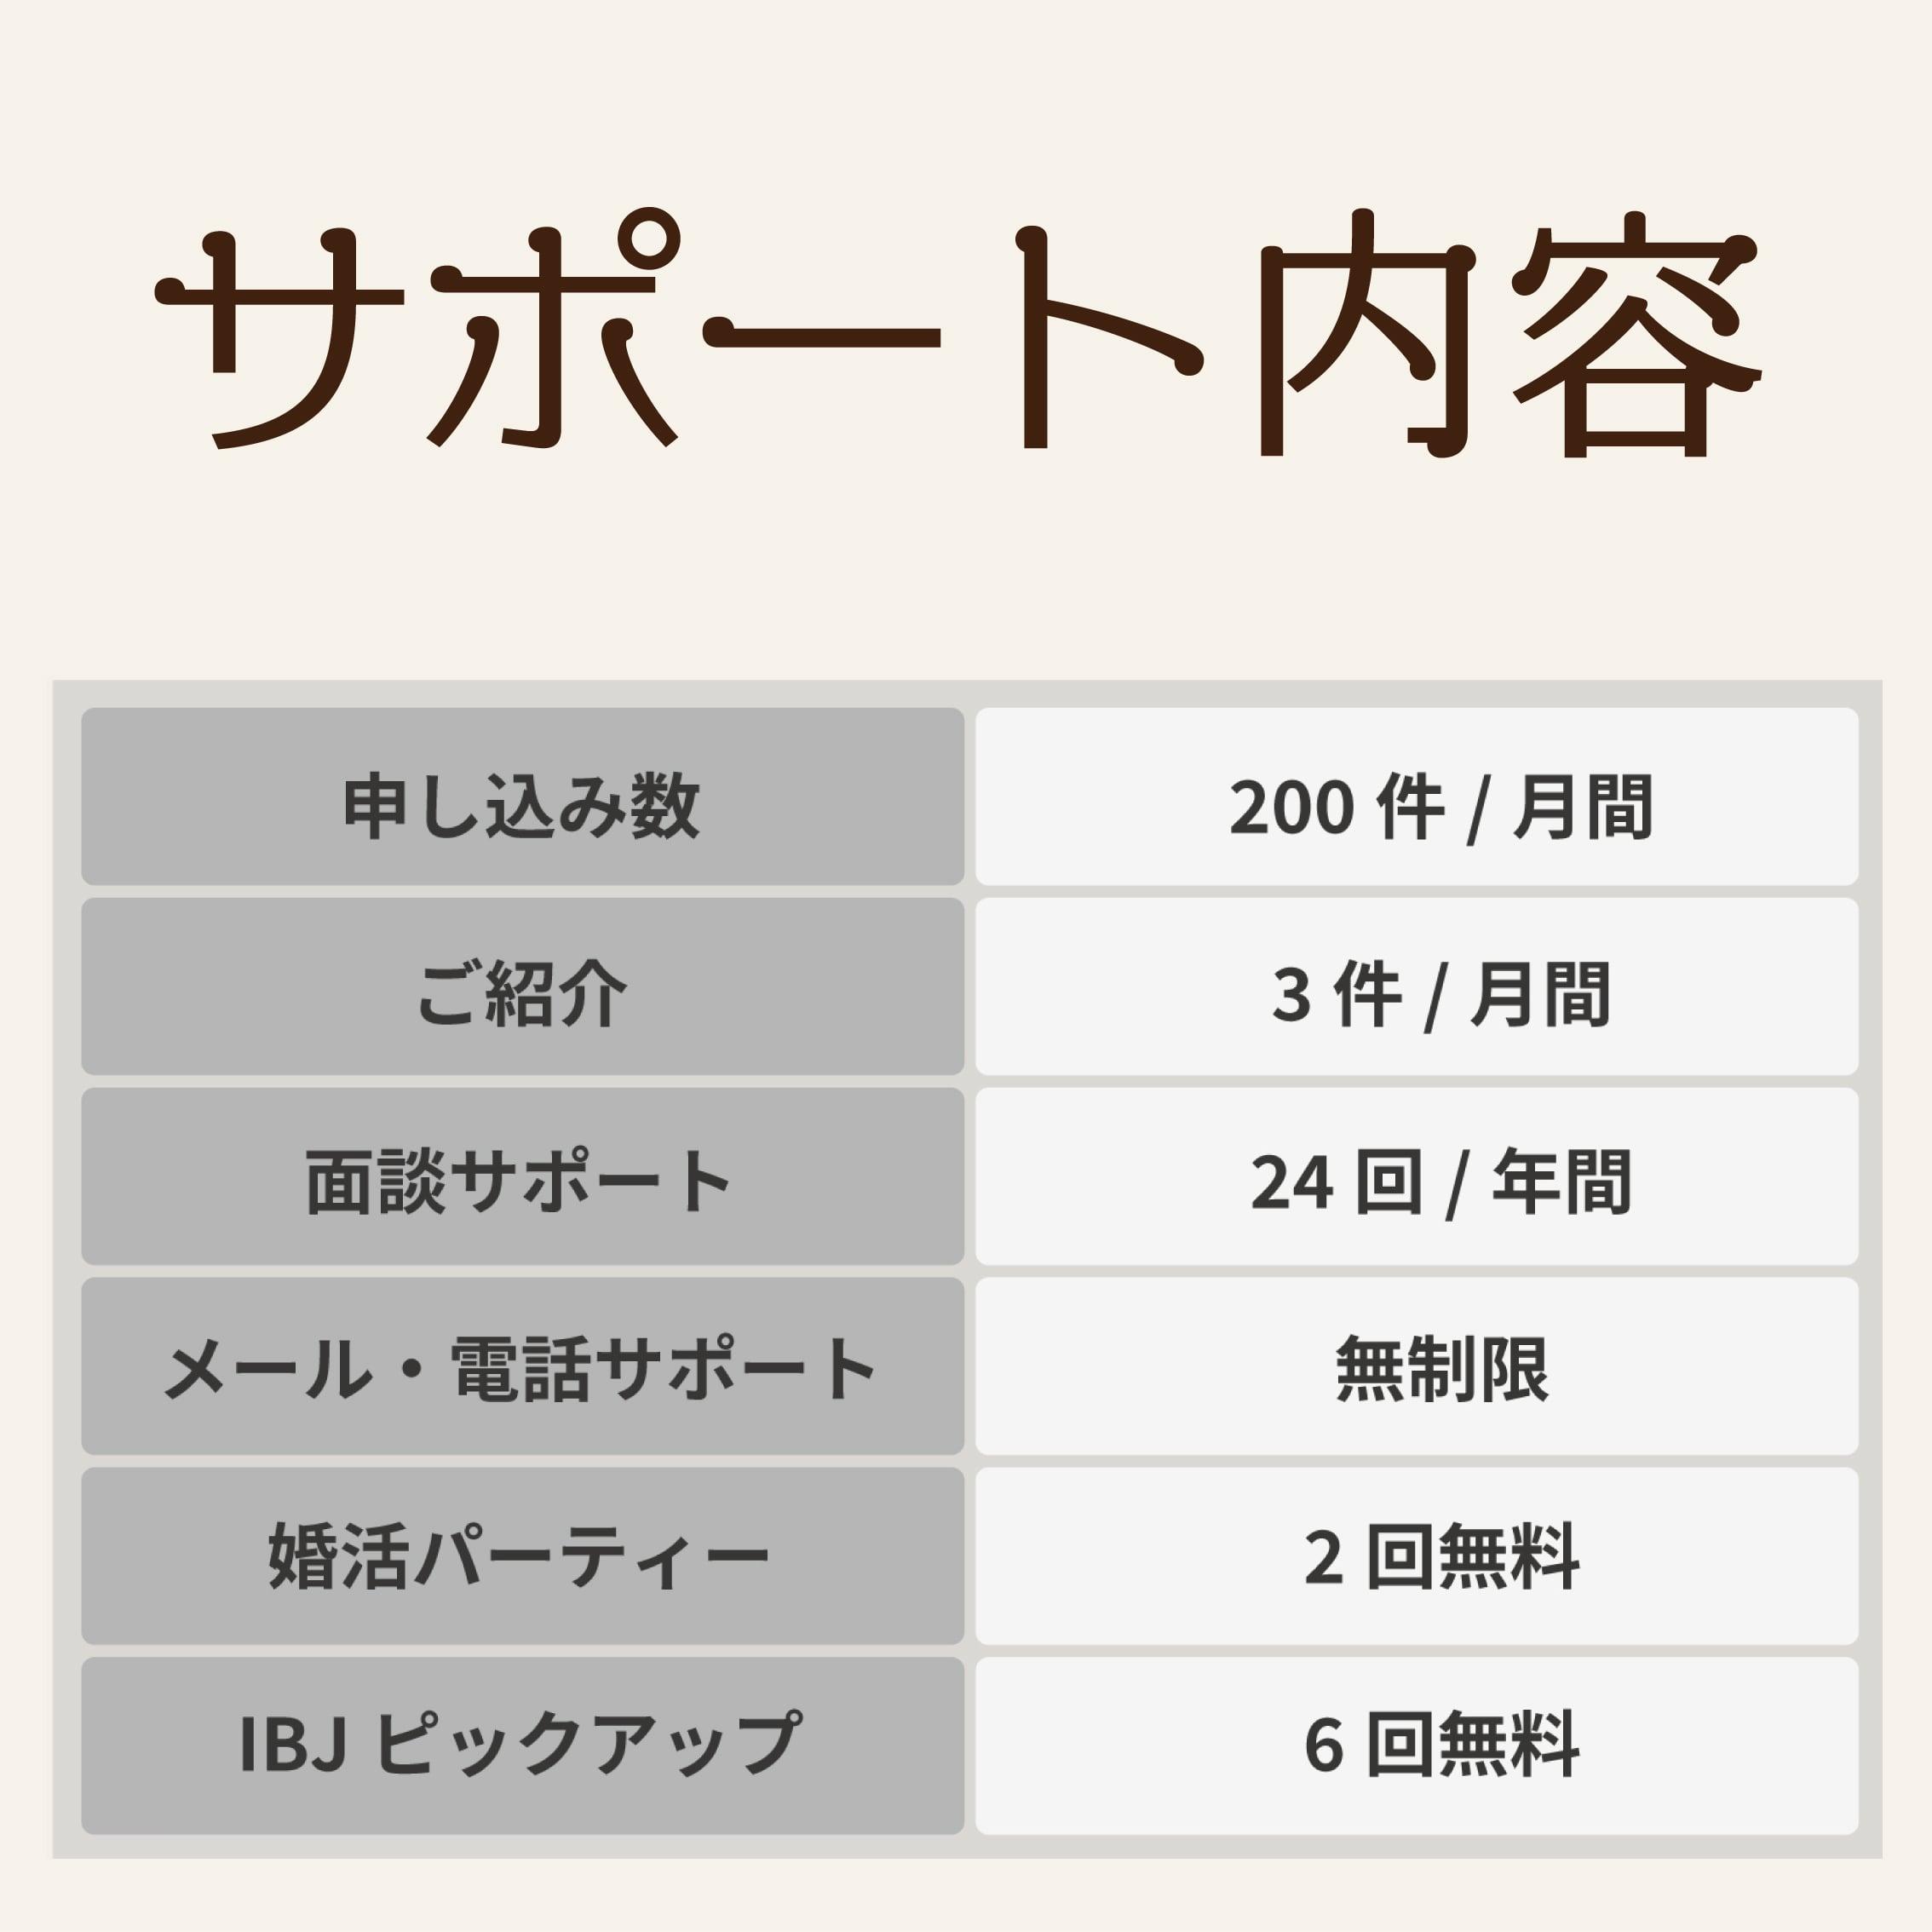 【プレミアムプラン】婚活チケット 月額費用(サブスクリプション)【埼玉県川口市で婚活なら:結婚相談所いち婚】のイメージその2